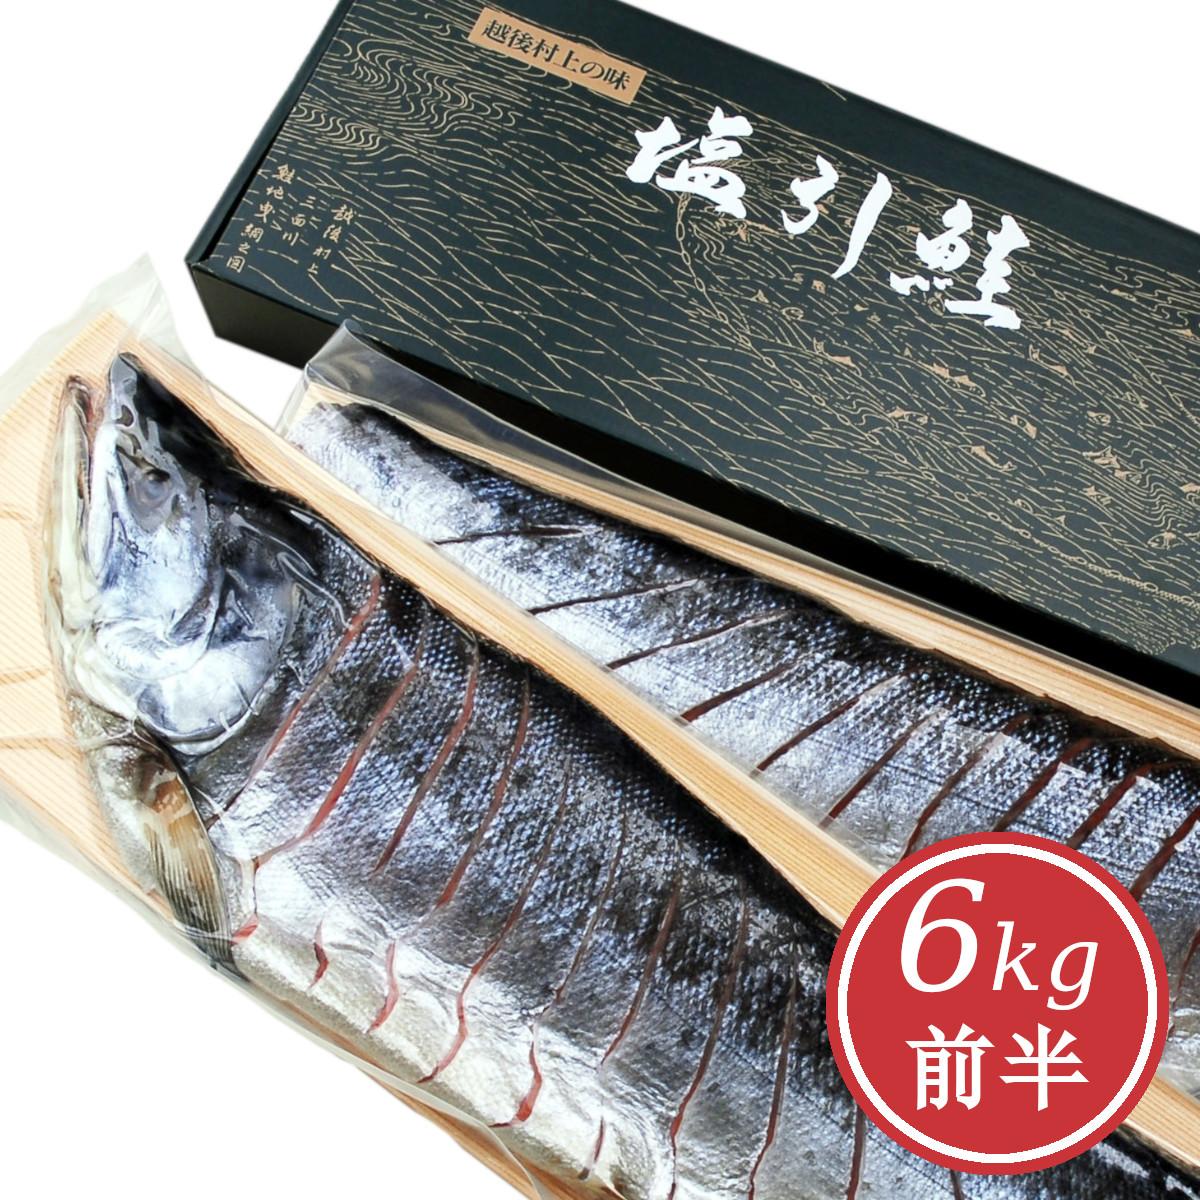 新潟村上 塩引鮭(塩引き鮭)切身姿造り 6kg前半(漁獲時6.0~6.4kg)